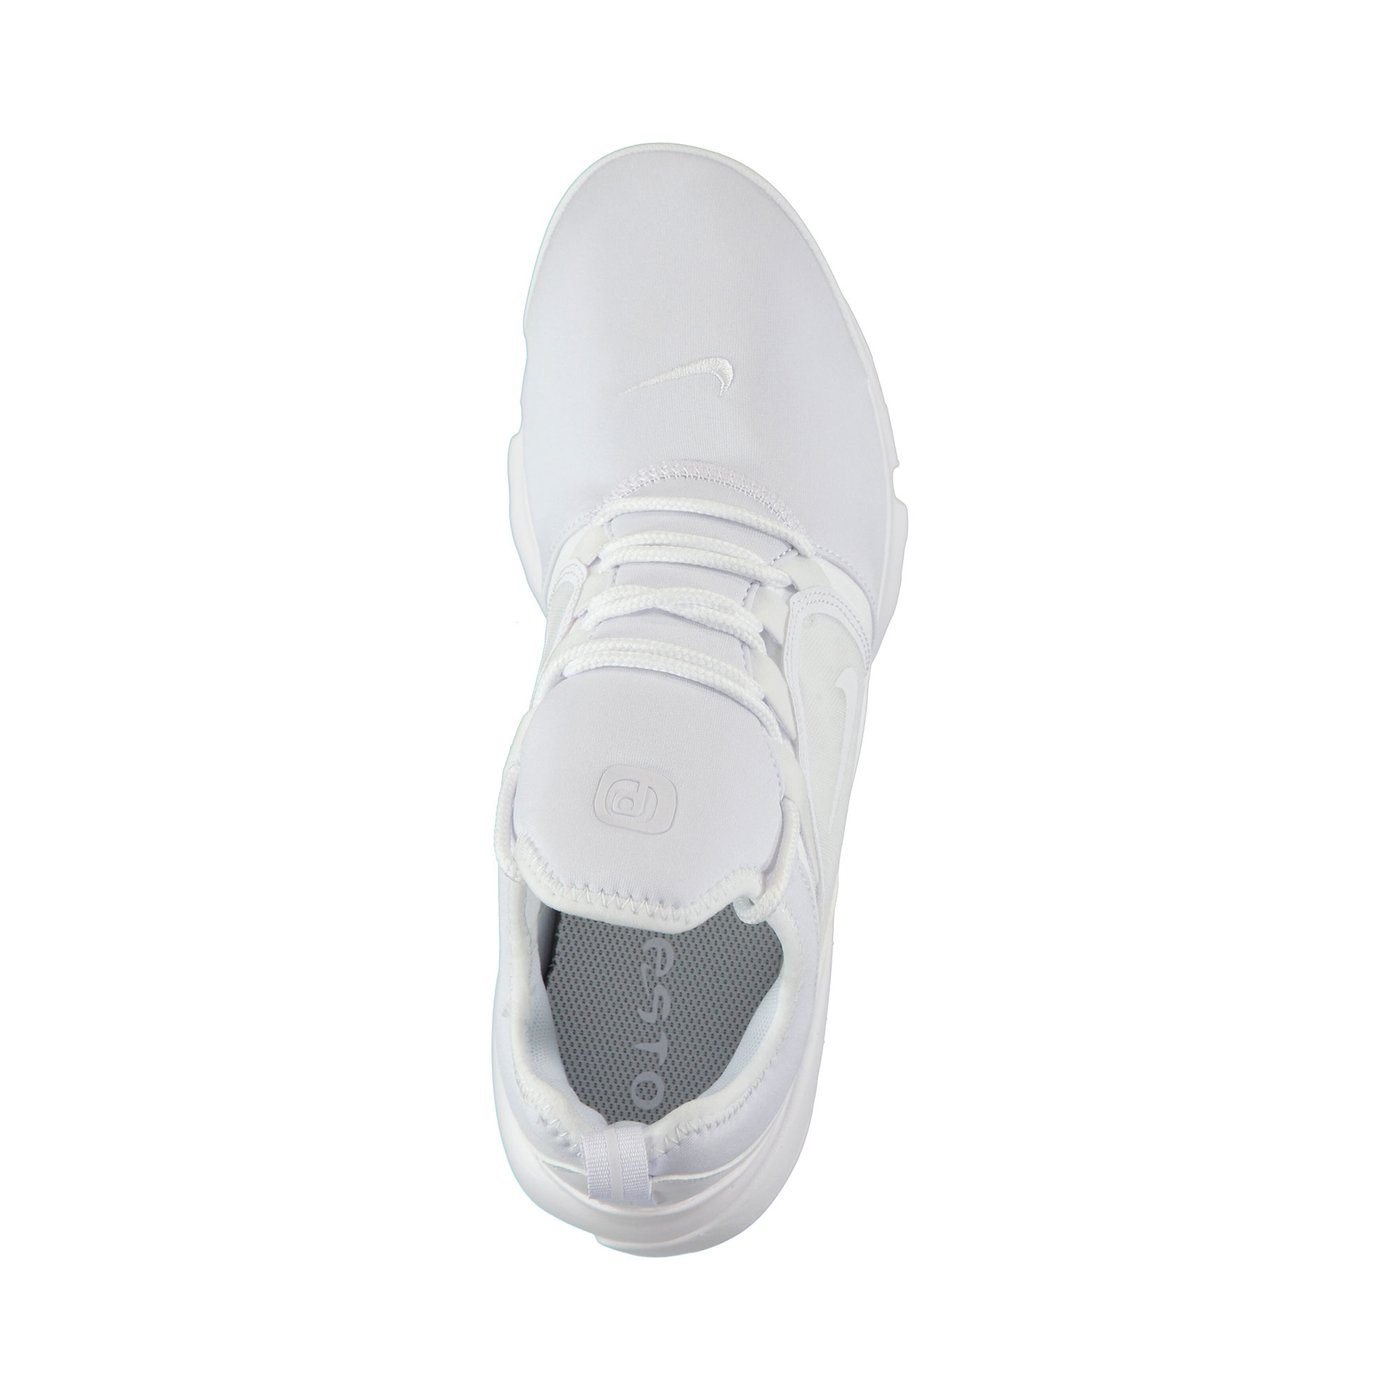 Nike Presto Fly Wrld Erkek Beyaz Spor Ayakkabı